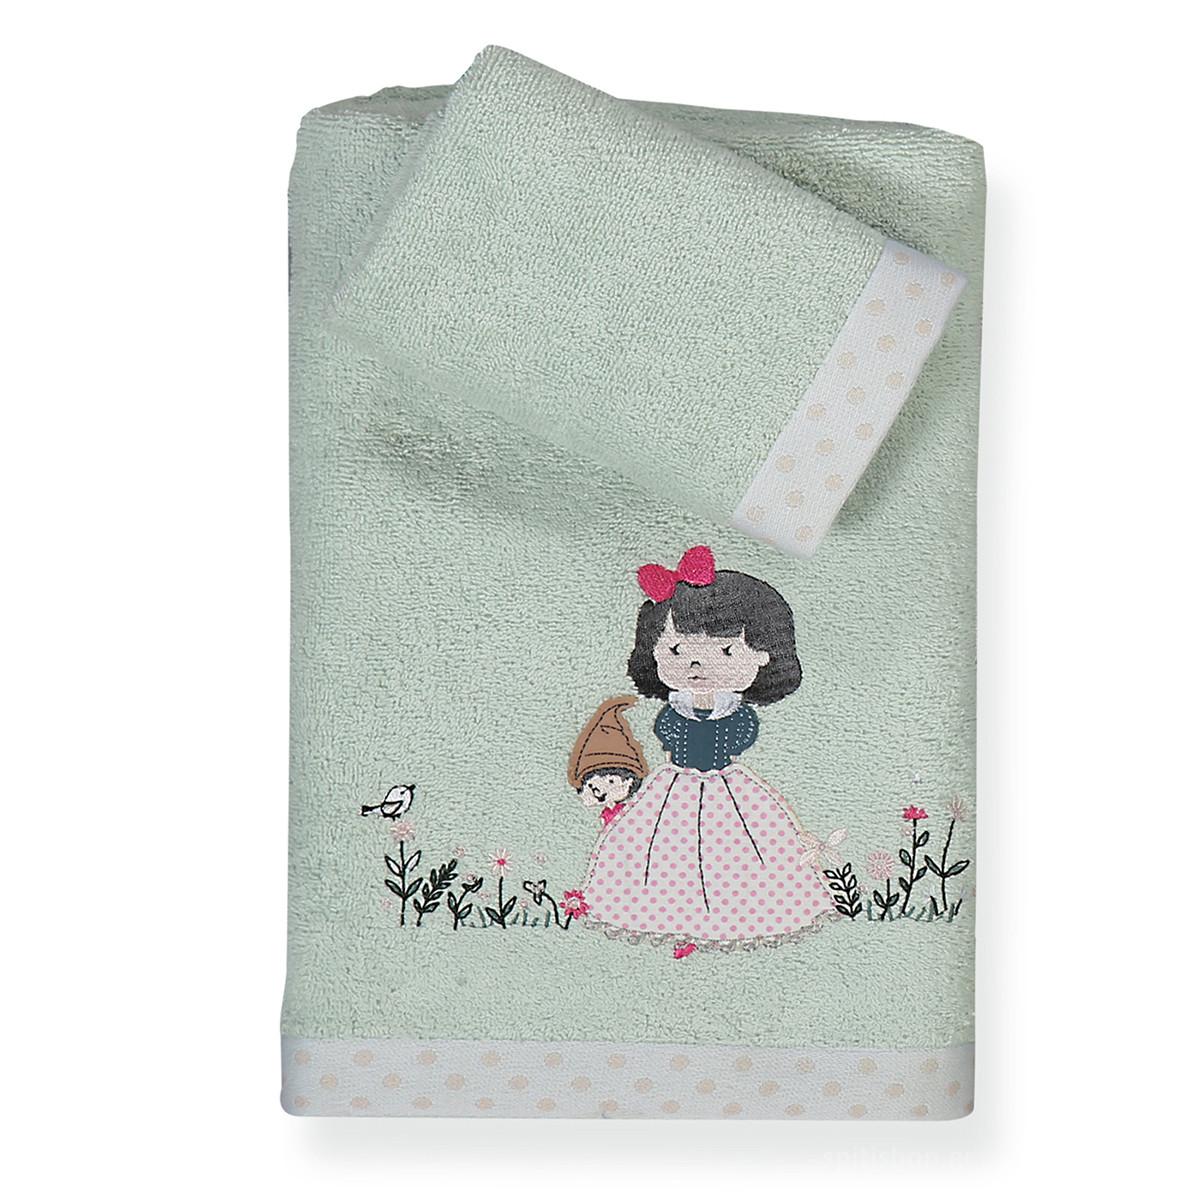 Παιδικές Πετσέτες (Σετ 2τμχ) Nef-Nef Junior Snow White home   παιδικά   πετσέτες παιδικές